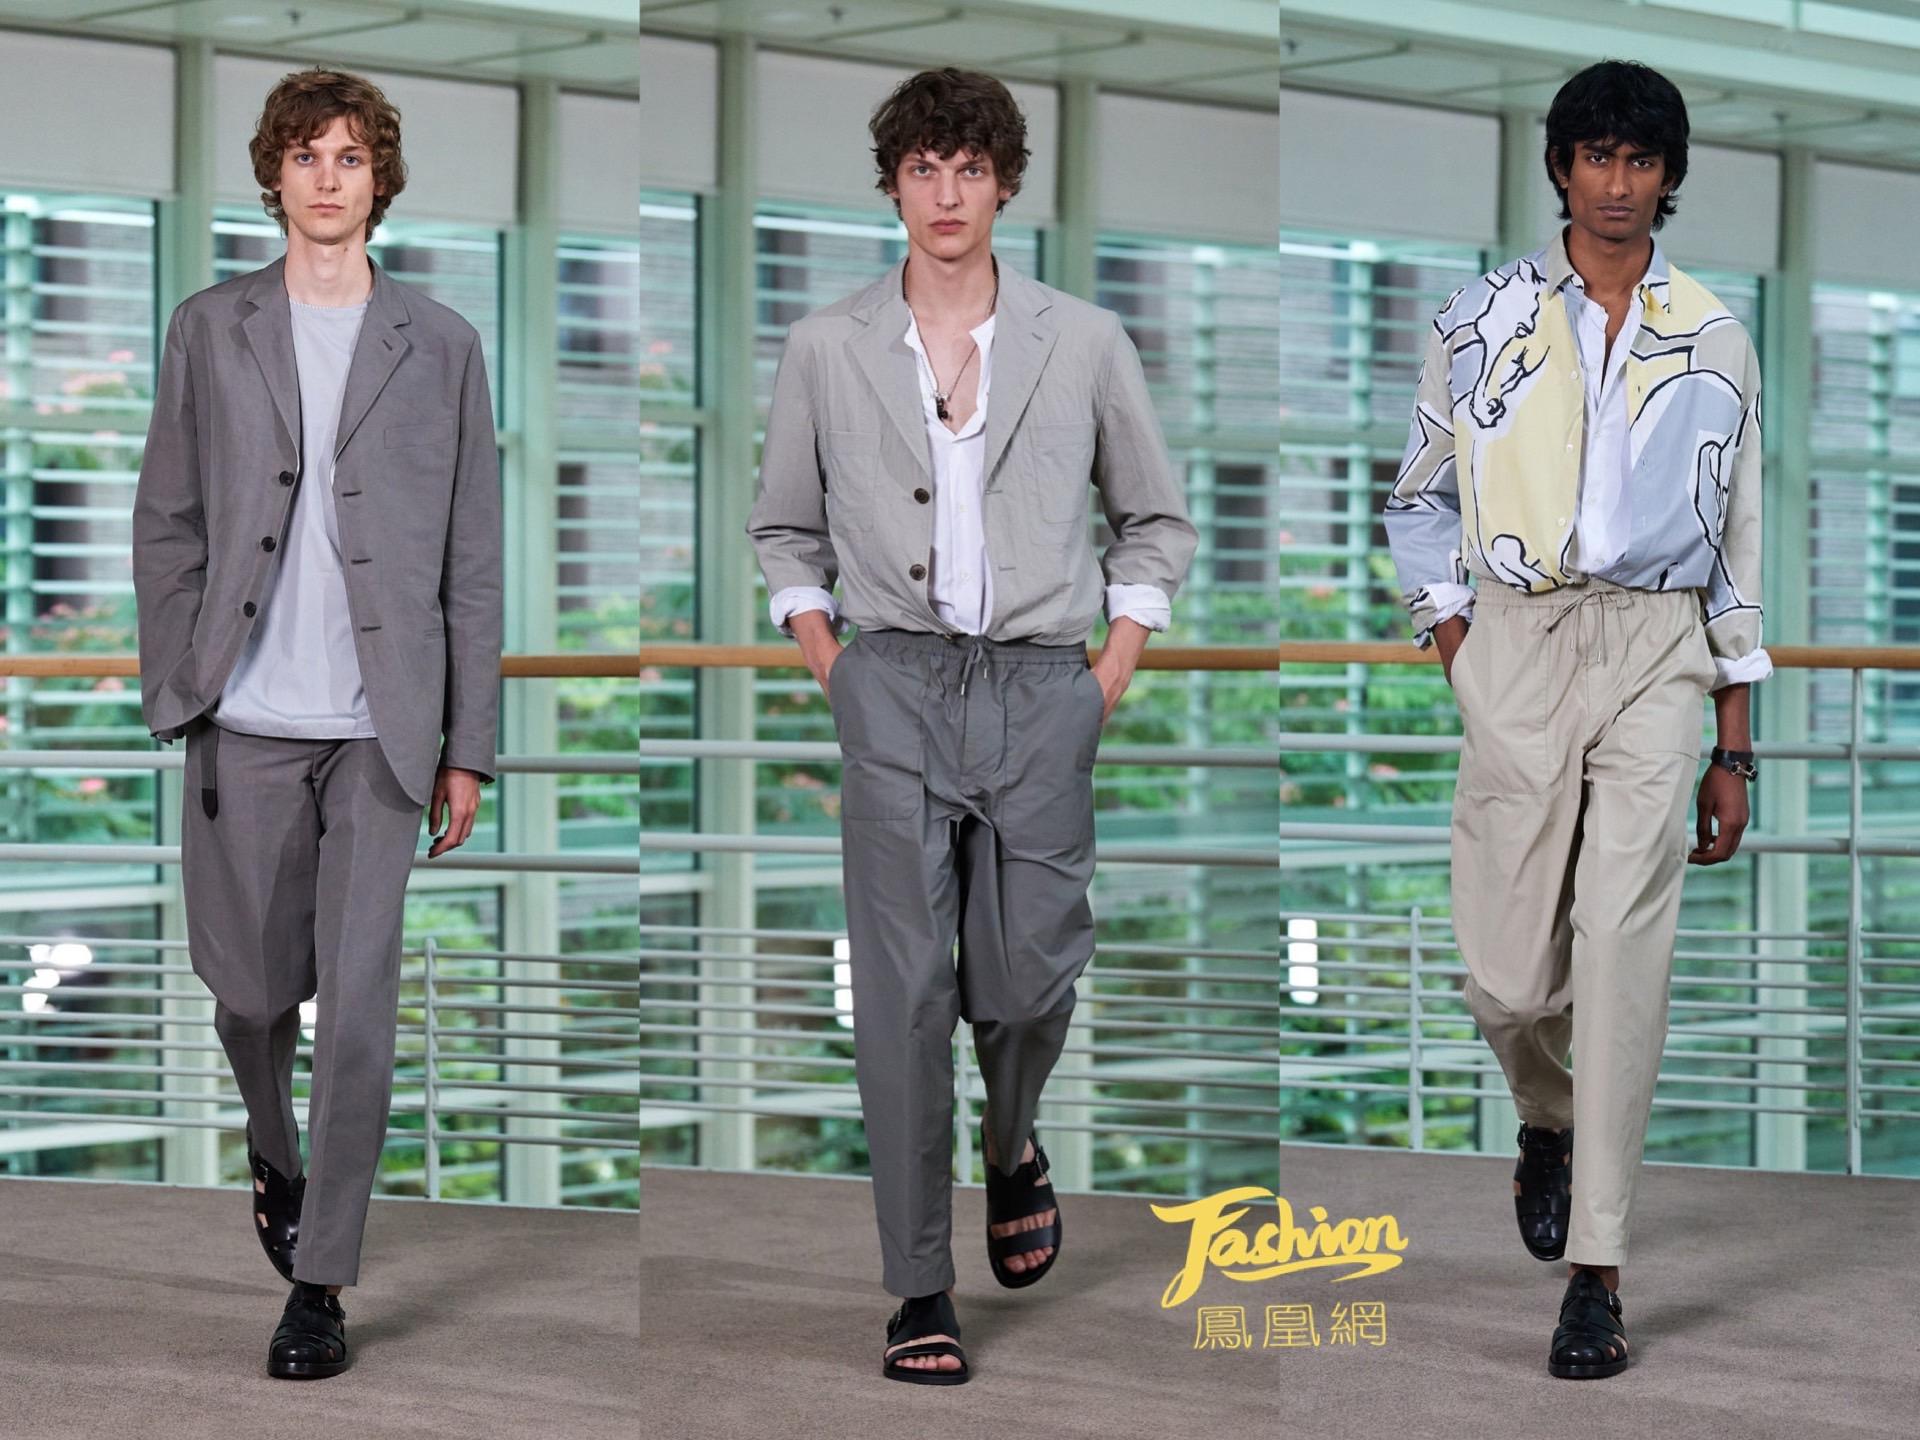 爱马仕2021春夏系列男装发布 诠释跨越时光的随性魅力